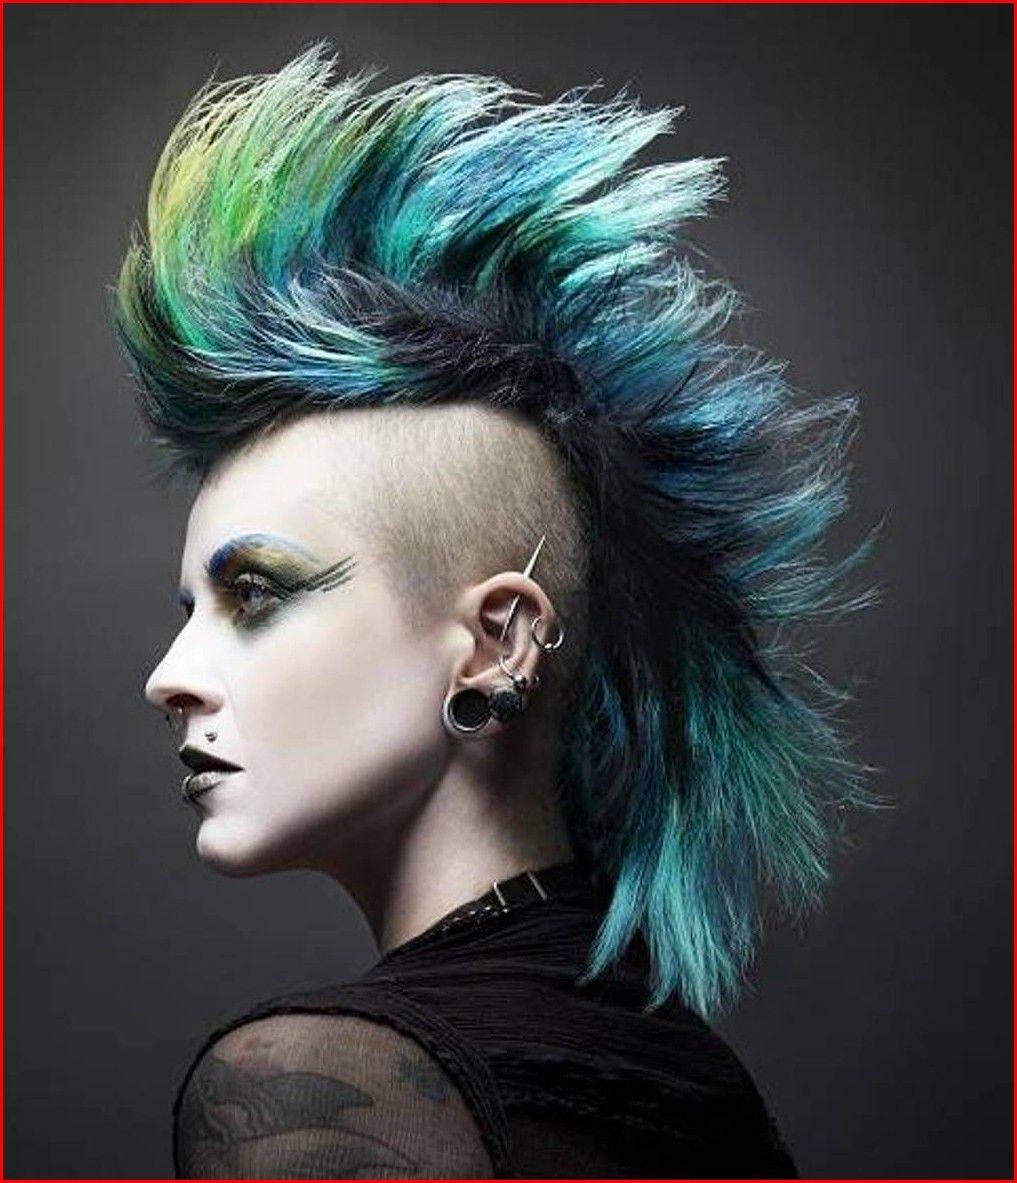 Exquisito peinados de rock Colección De Cortes De Pelo Consejos - Punk Corte De Pelo Rockero Hombre - Peinados